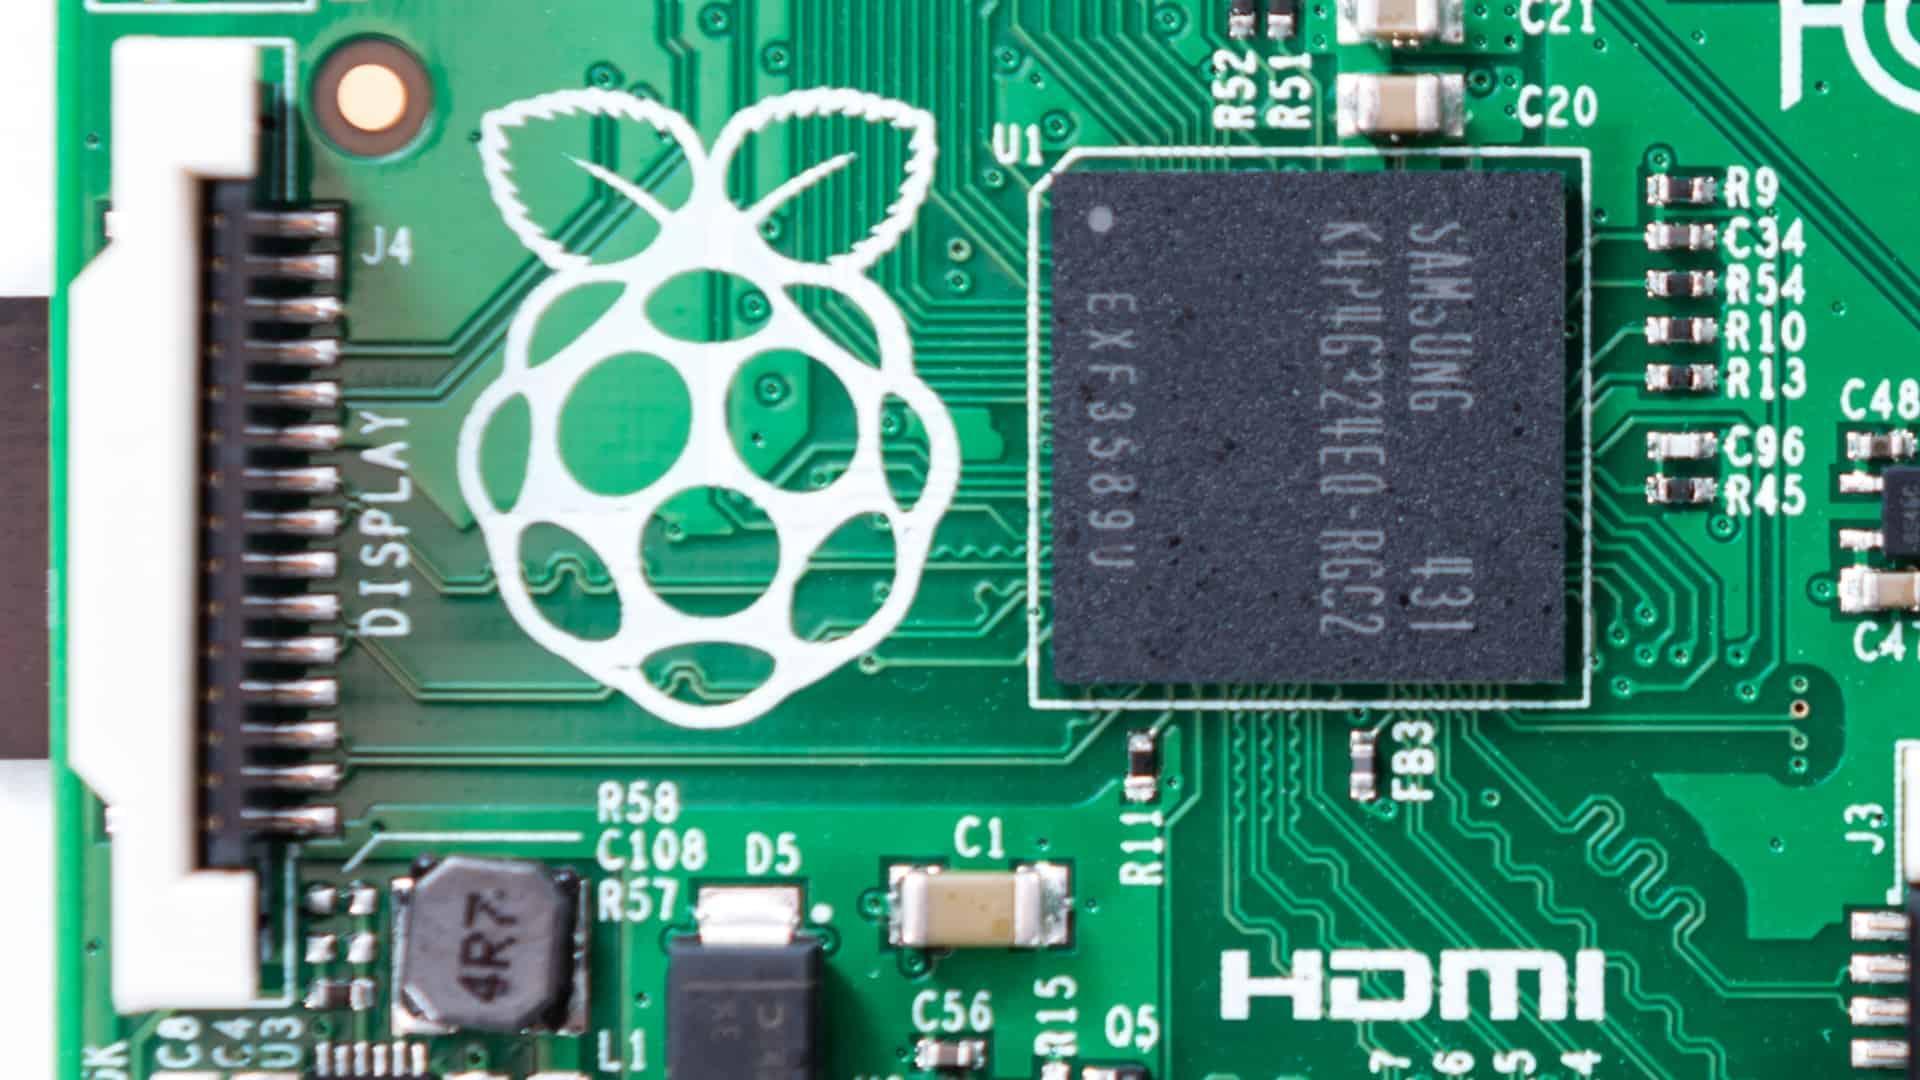 Migliore Raspberry Pi 2021: Guida all'acquisto